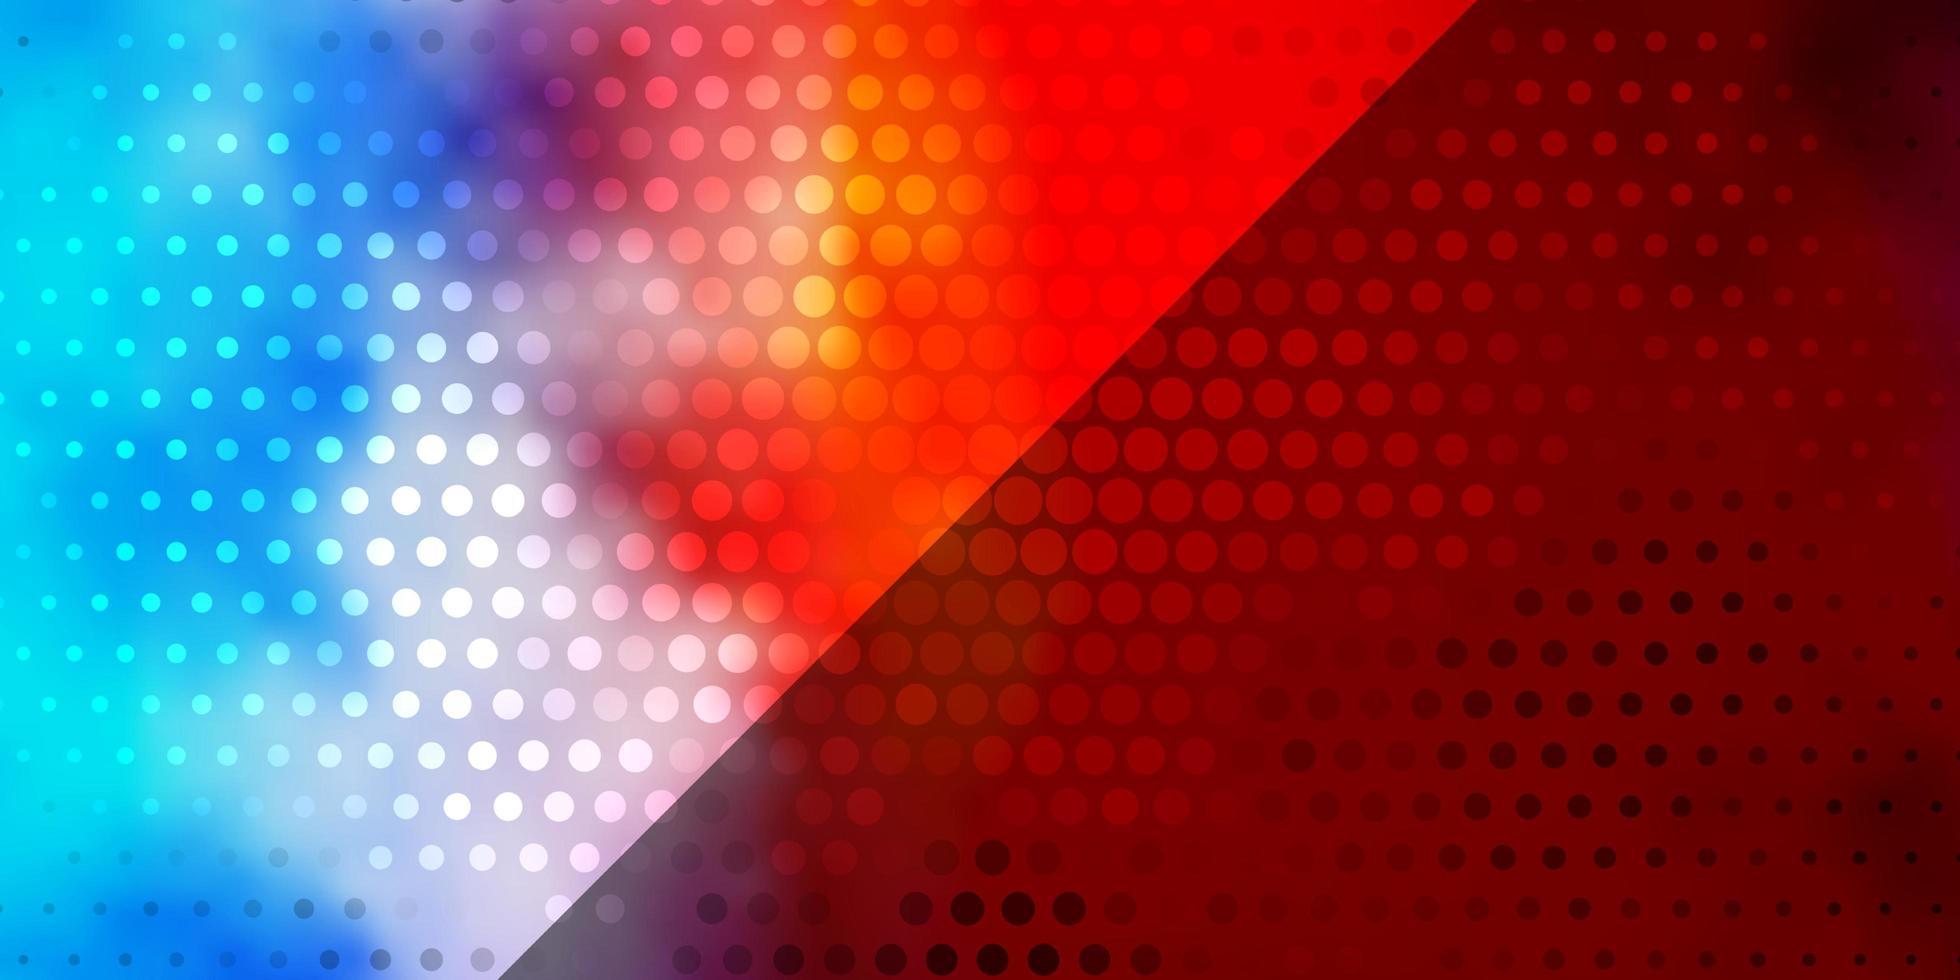 licht veelkleurige vector achtergrond met cirkels.